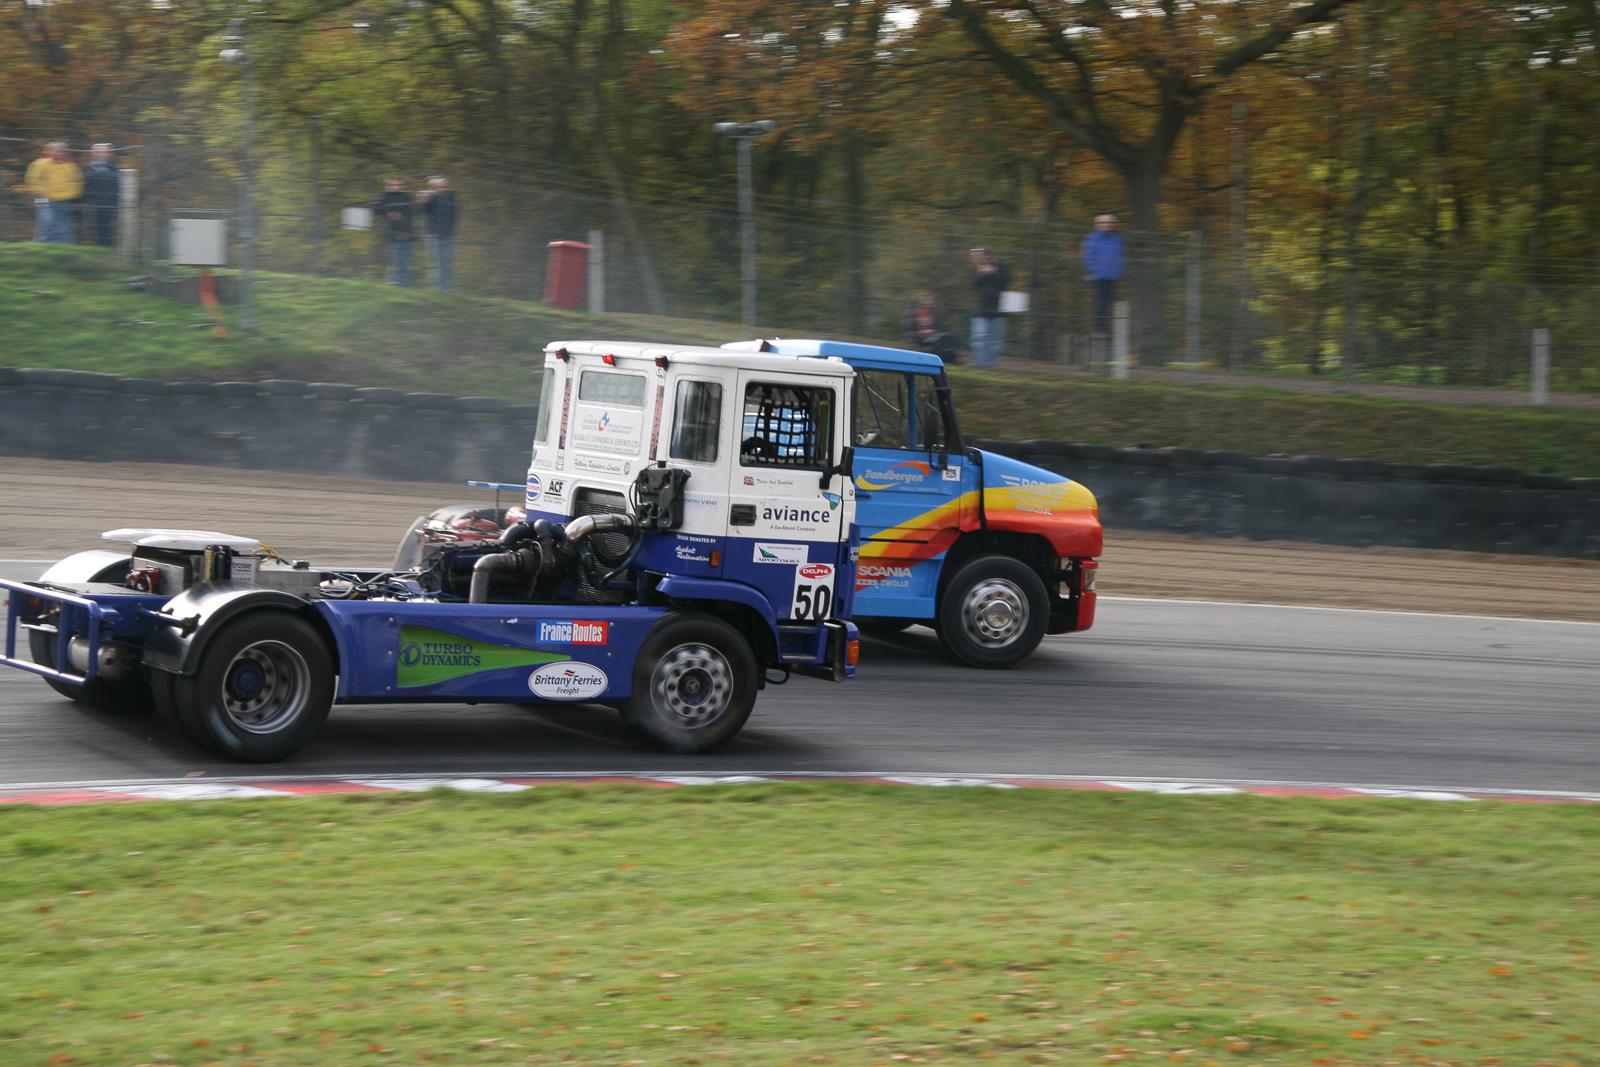 20071103 - Truck Racing Brands -071103 -036